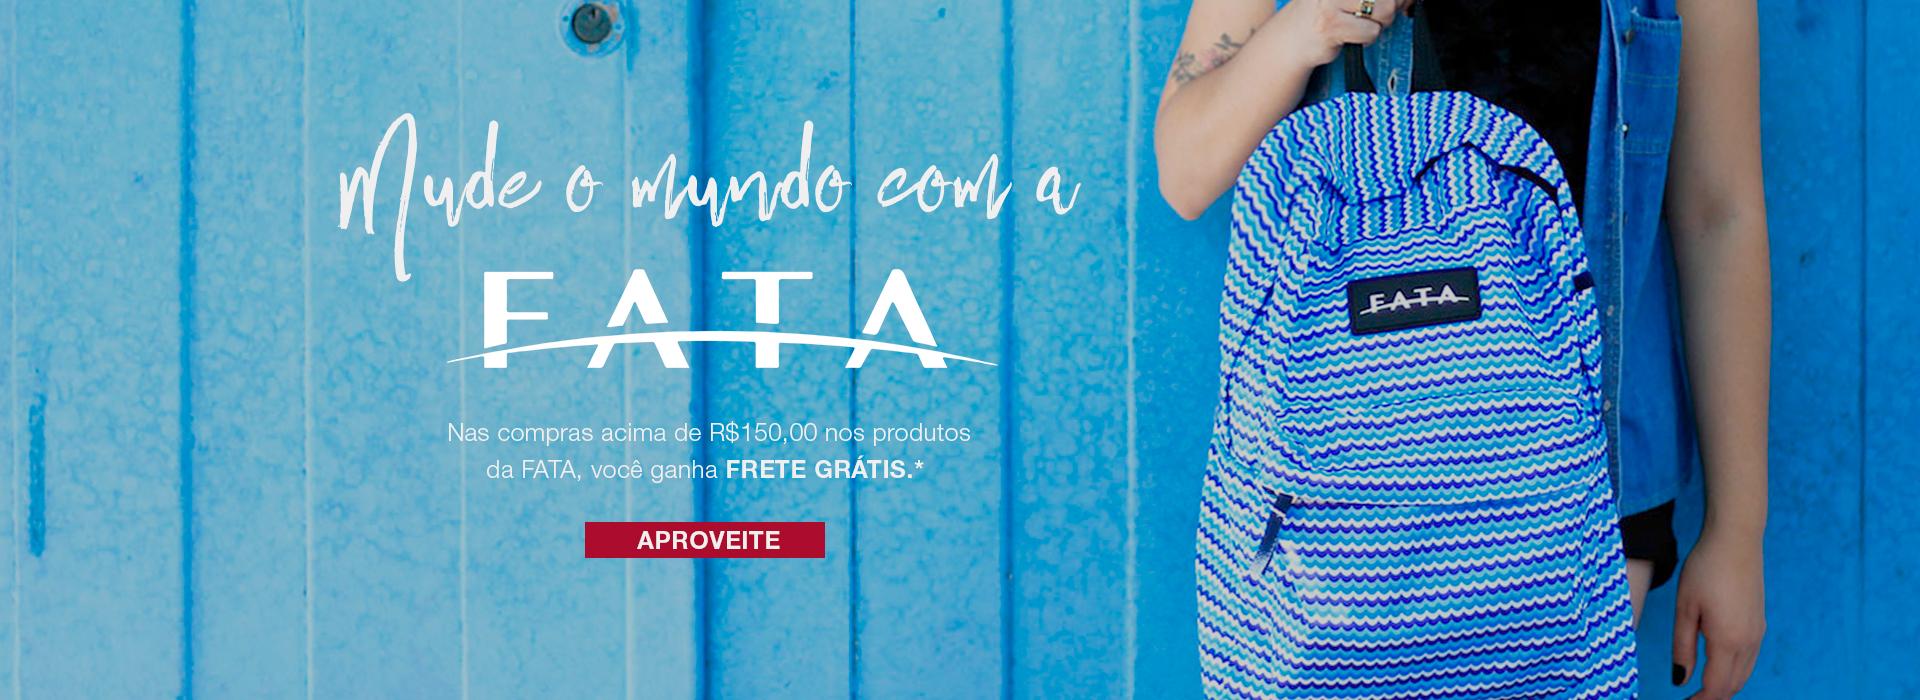 Banner 3 - Fata